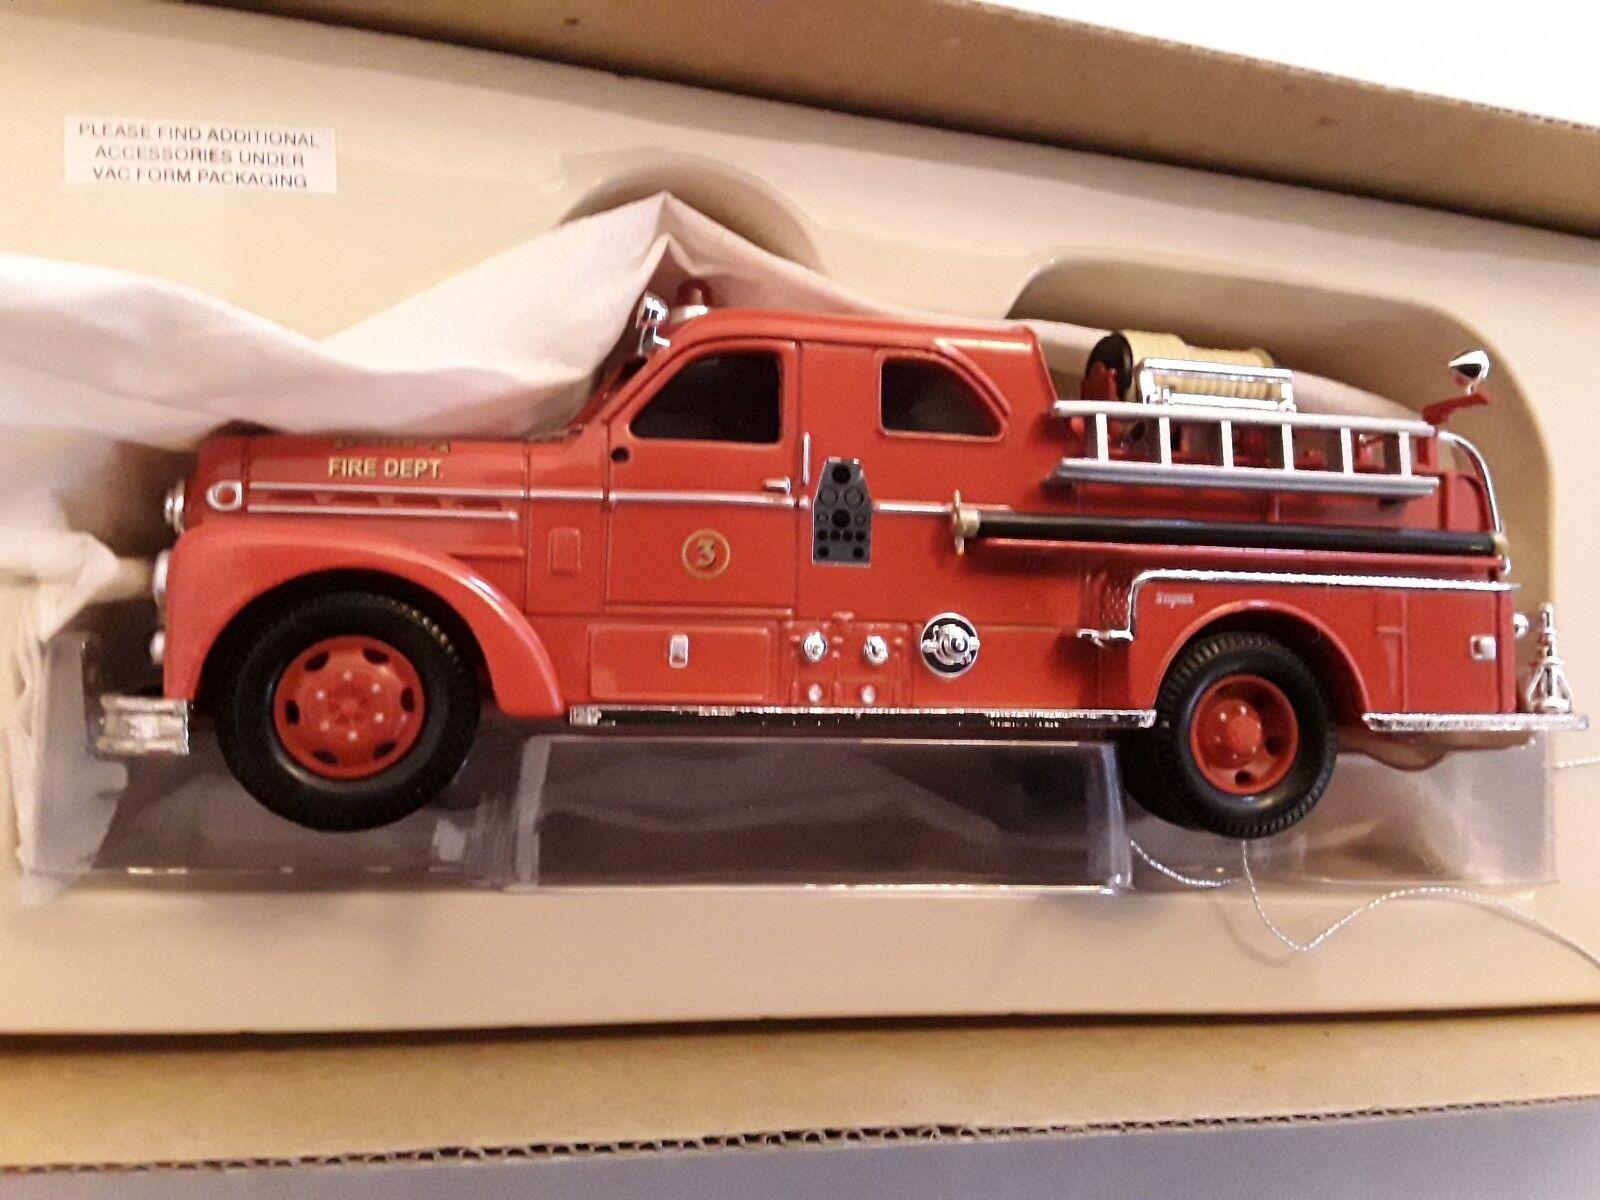 Seagrave  Pompieri  Pumper Fire Truck  Tampa, FL  1 50 CORGI us50502